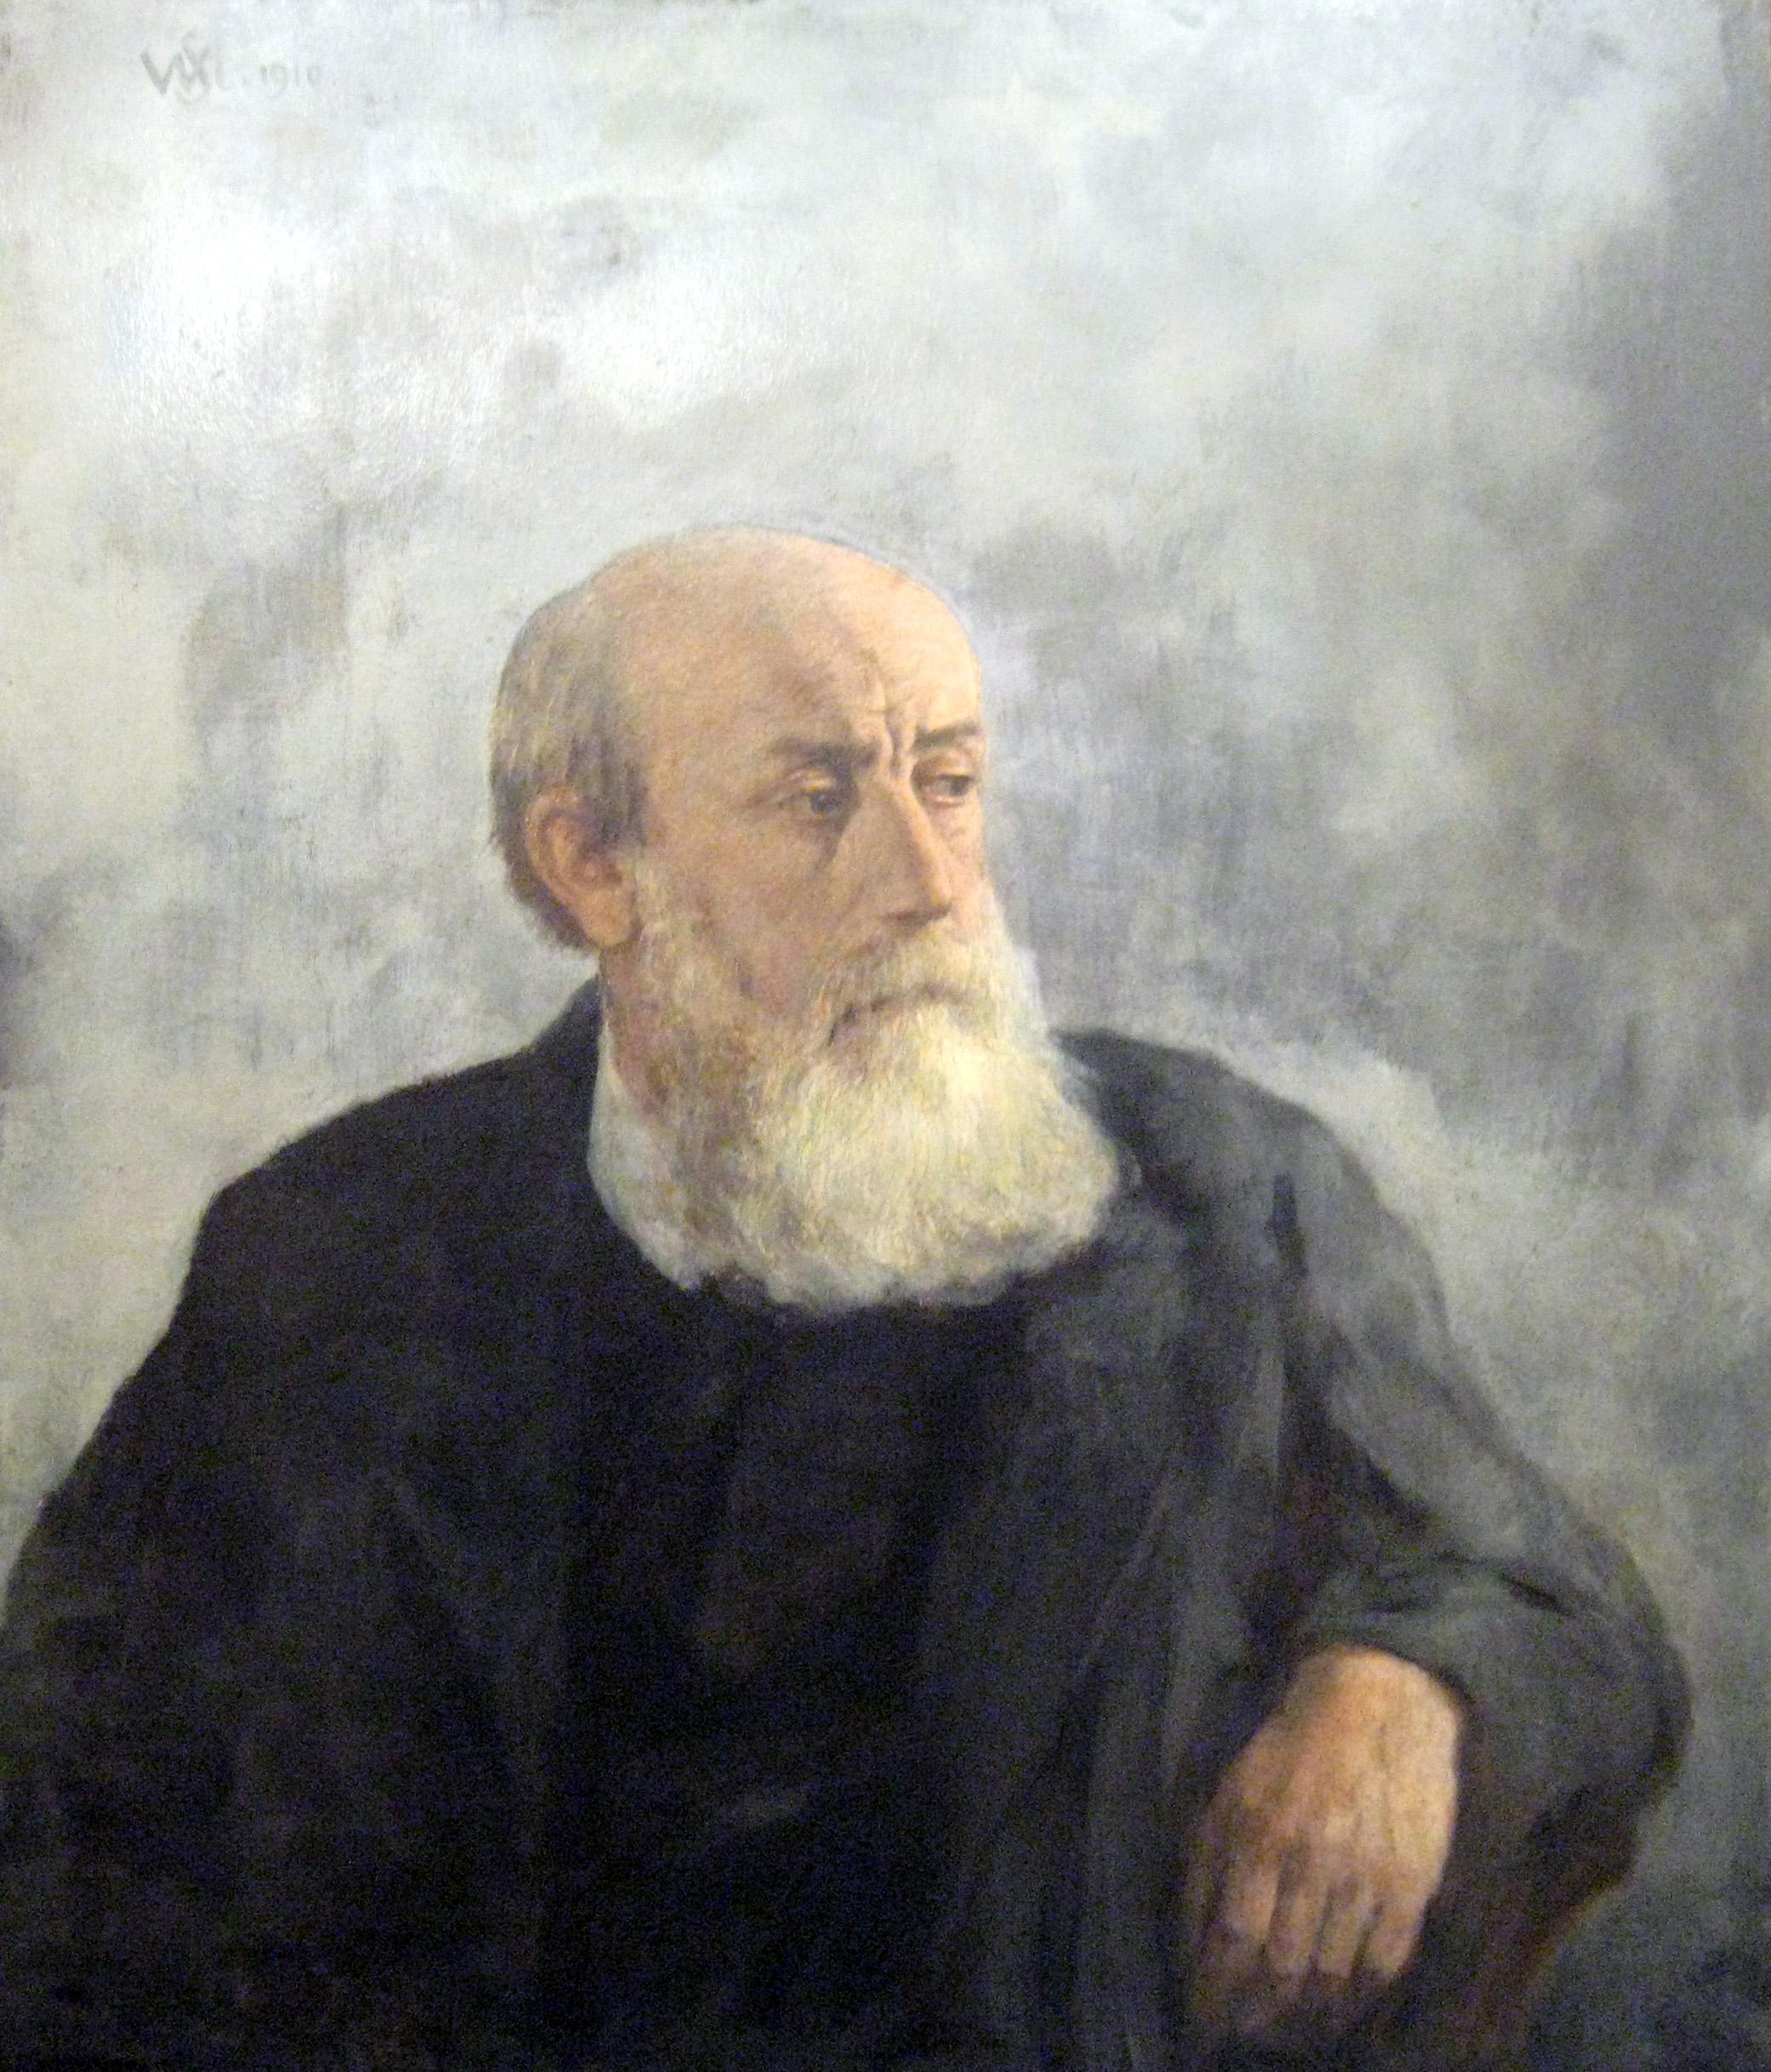 Wilhelm Steinhausen Wikipedia